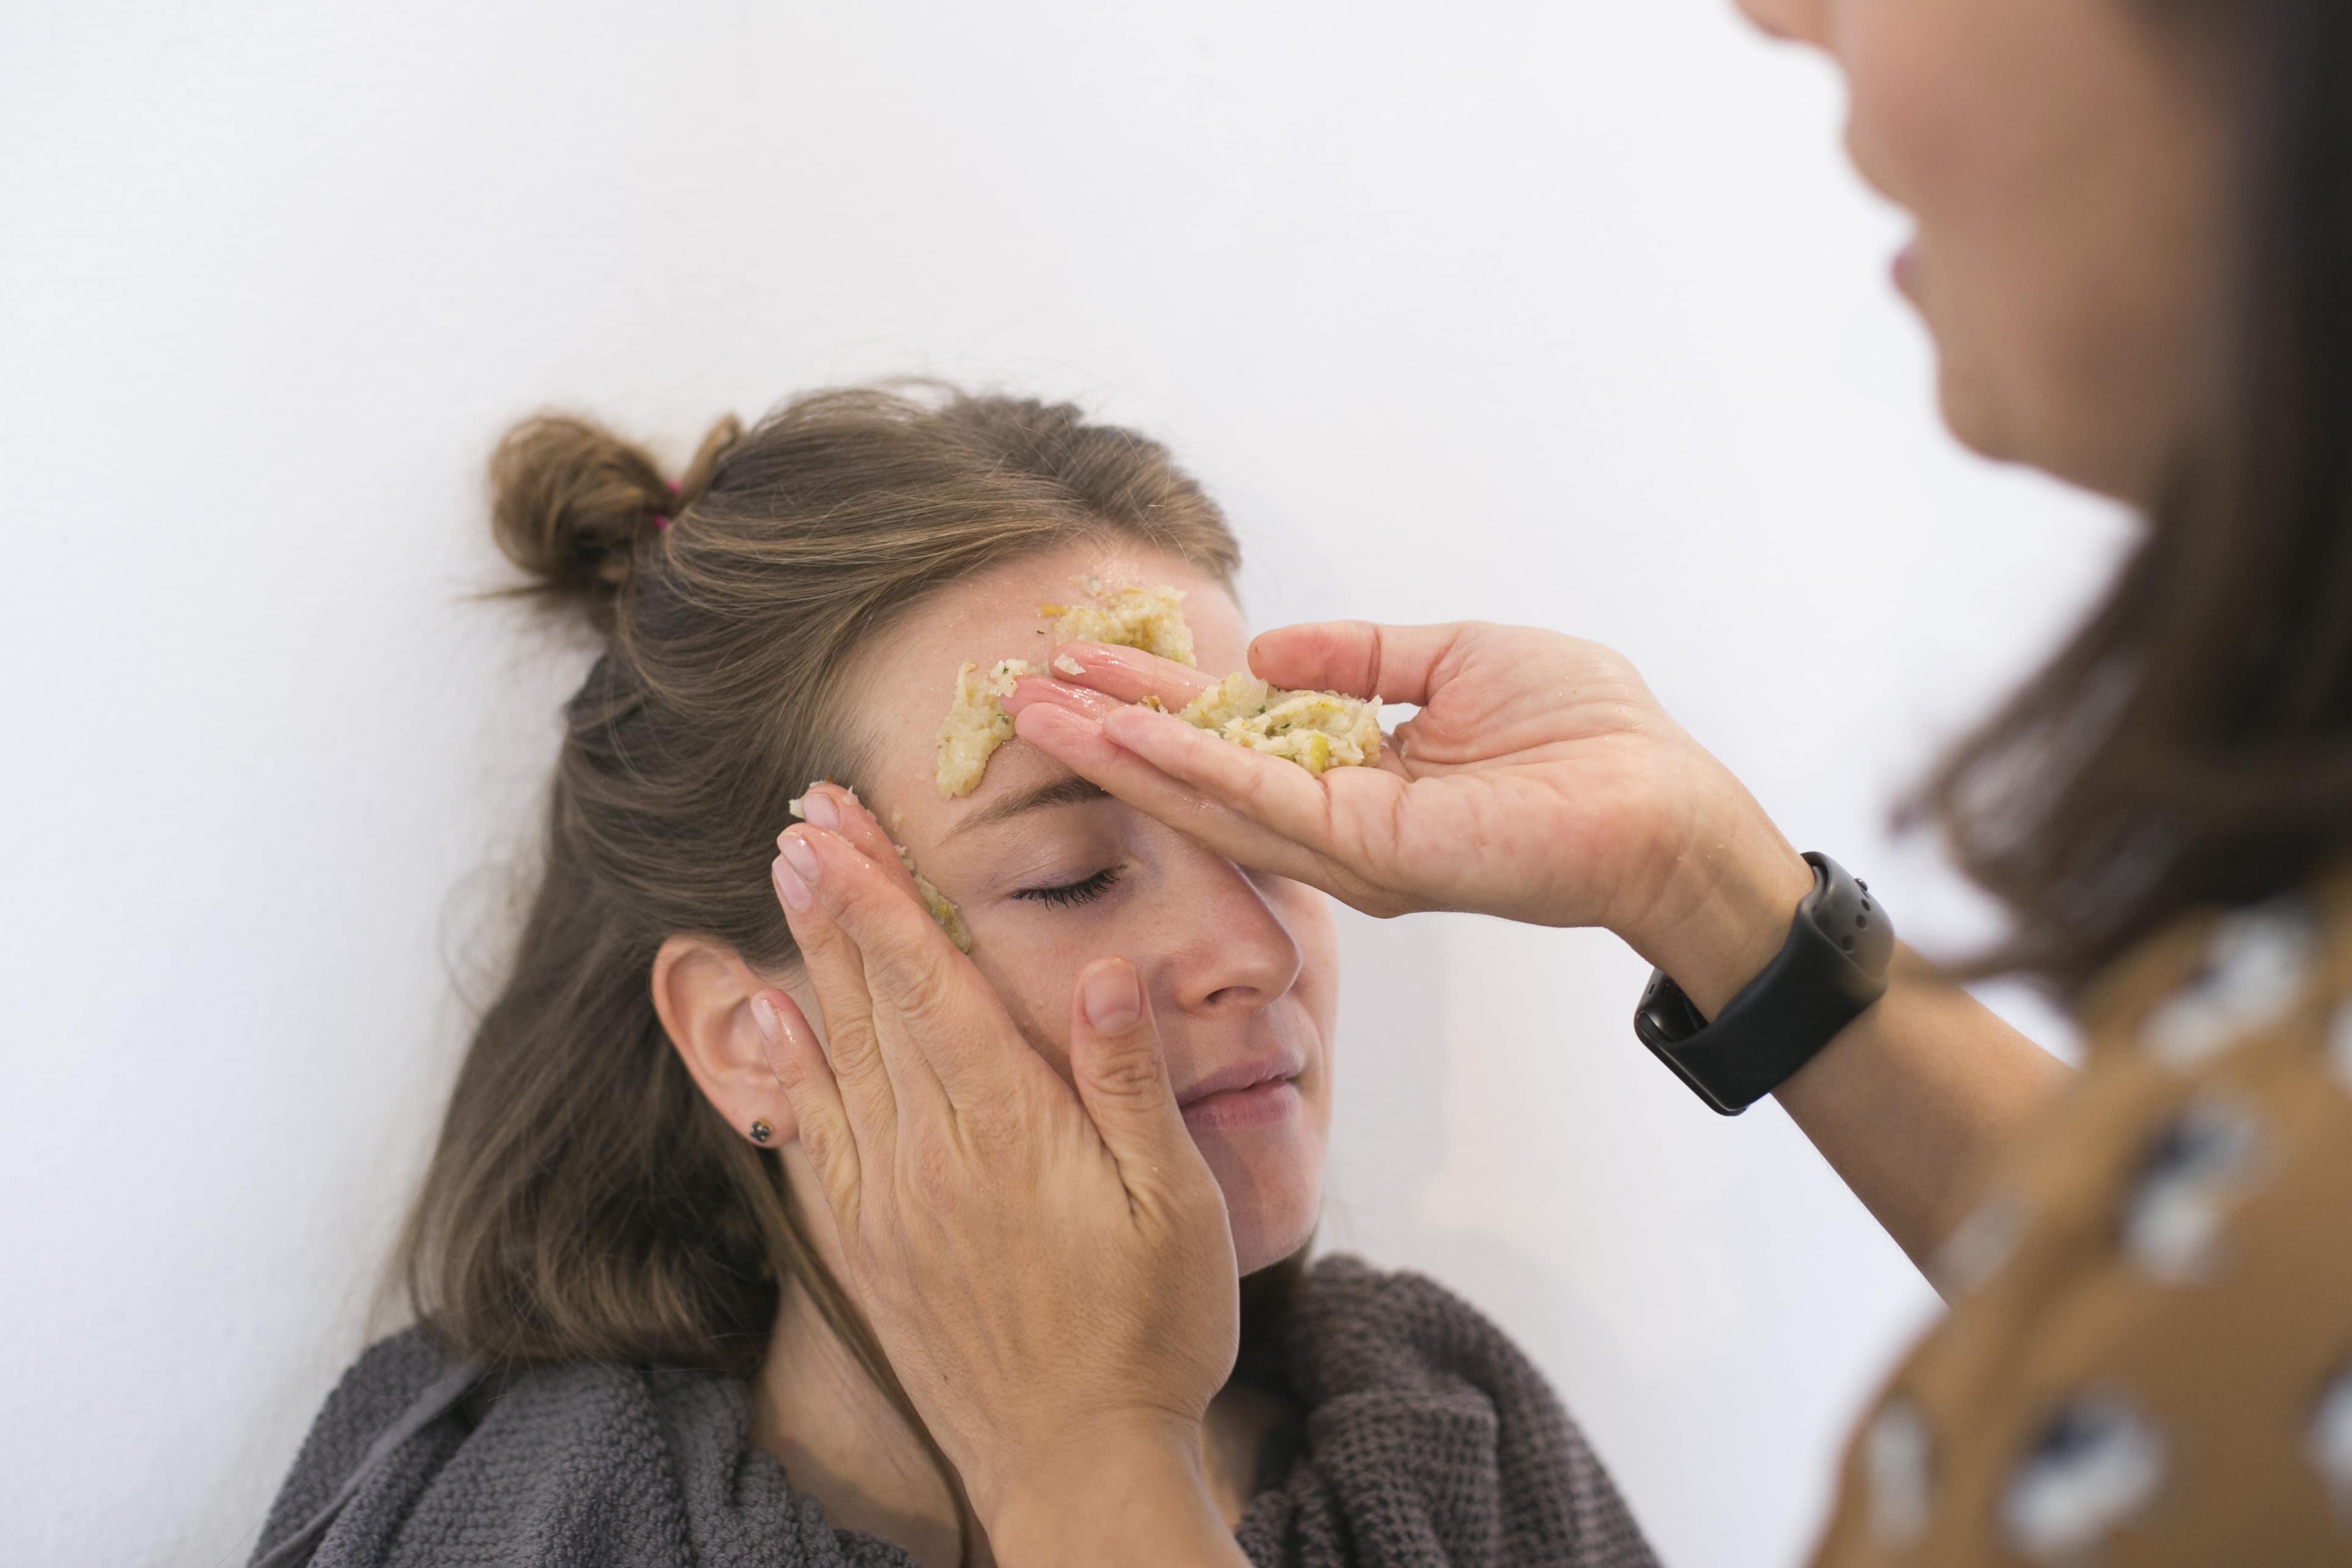 Maschere di bellezza fai da te con Imetec SuccoVivo Pro 2000 - Info, prezzi, funzionamento, ricette - Maschera viso nutriente antistress